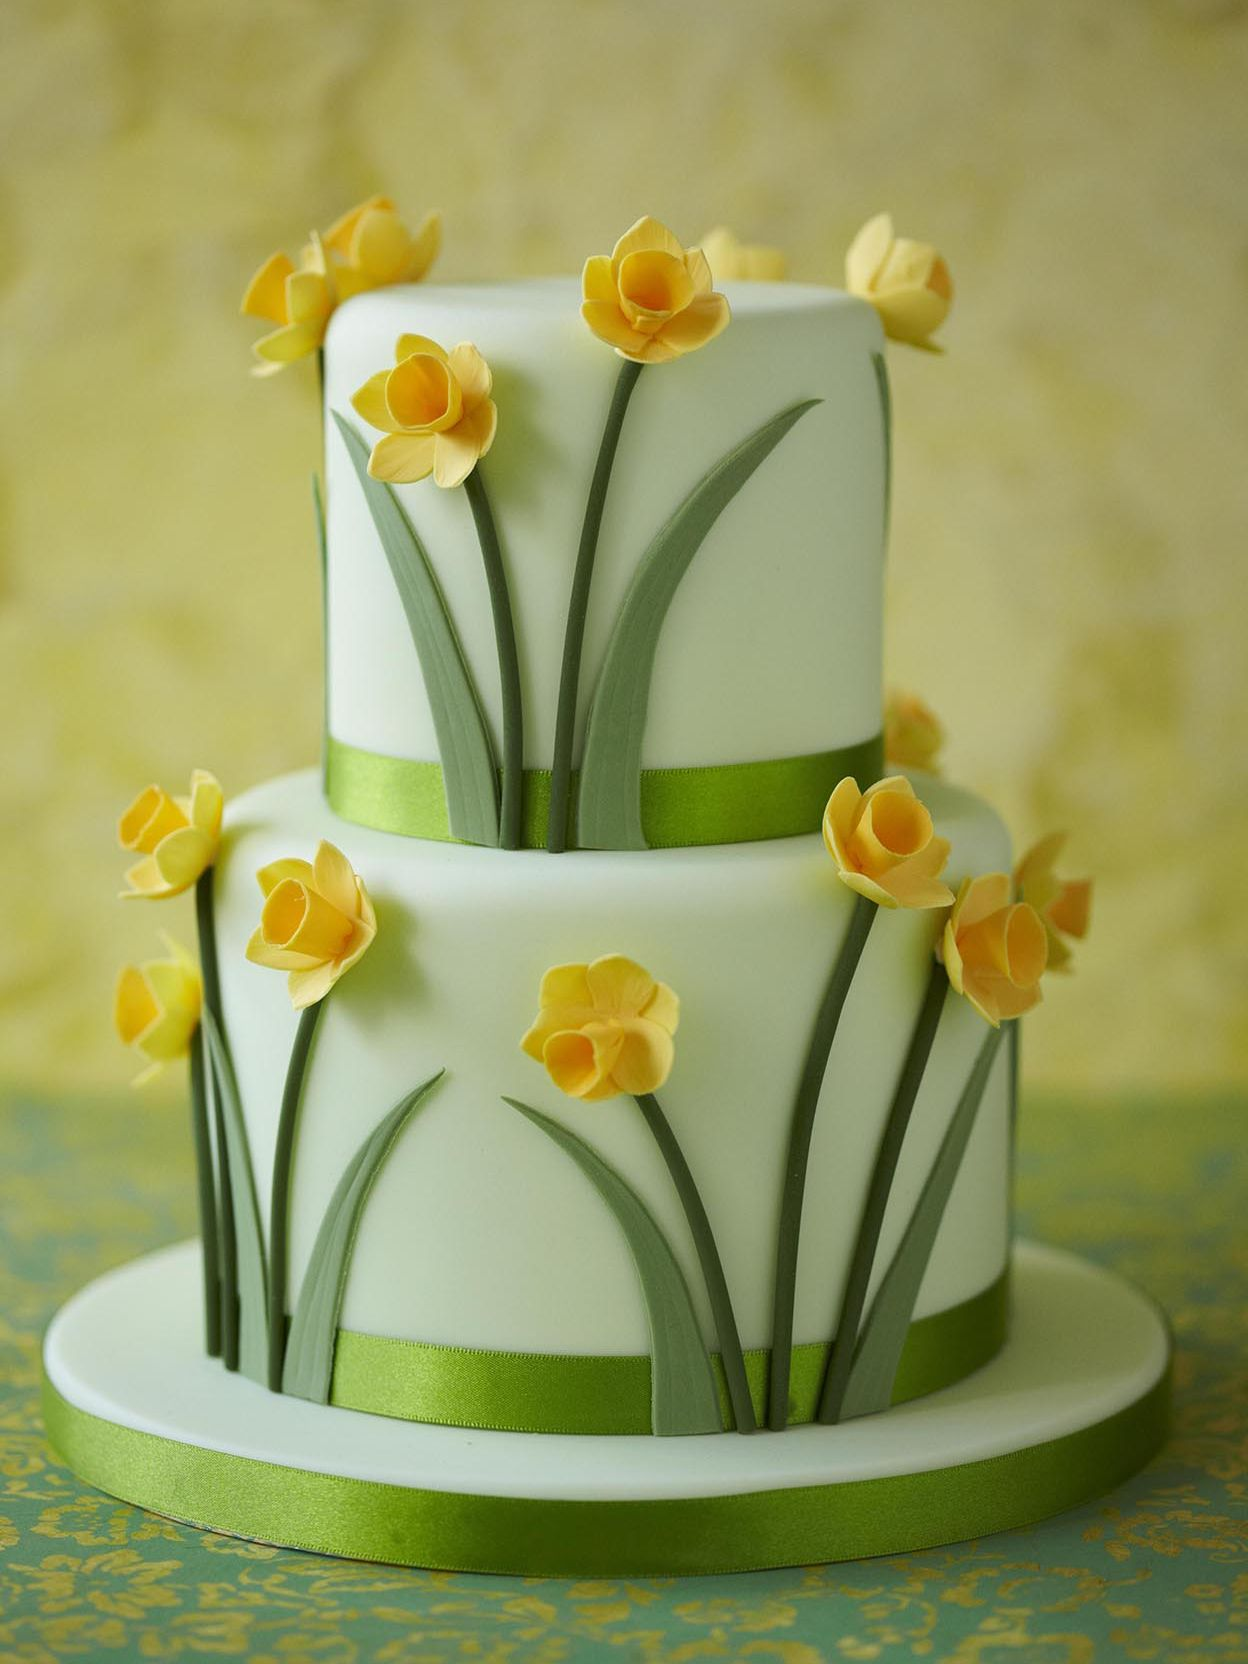 Celebration cakes birthday cakes novelty cakes christening cakes birthday cakes award winning celebration cakes sunshine coast brisbane zoe clark cakes izmirmasajfo